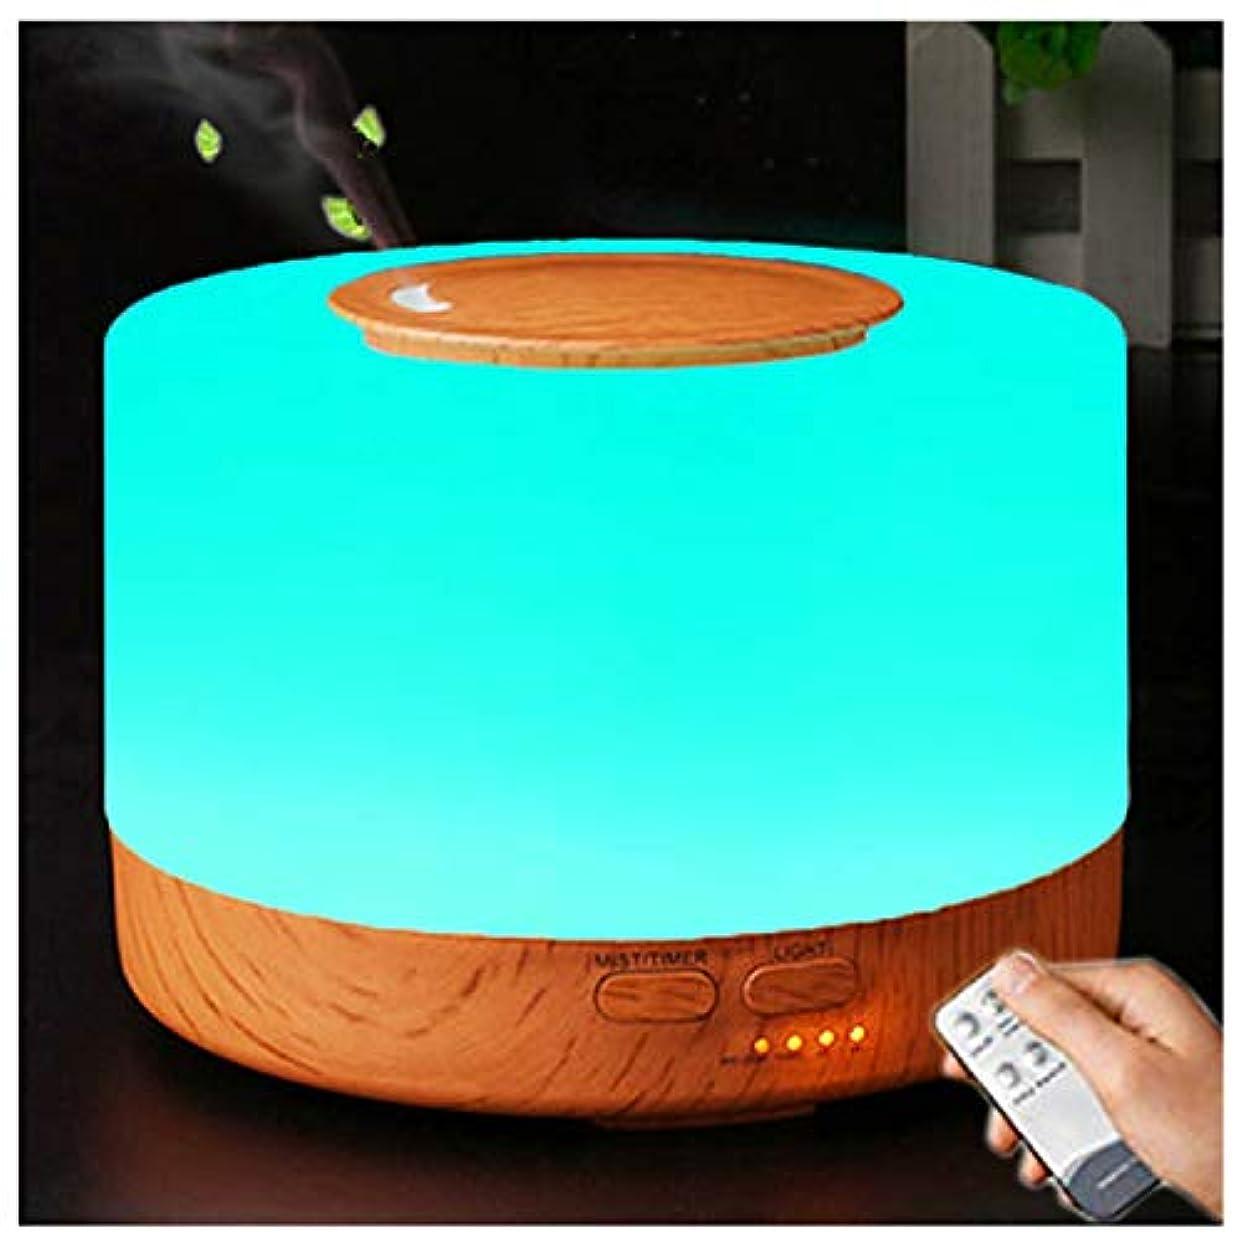 祖母三番胚芽アロマディフューザー 加湿器, 卓上 大容量 超音波加湿器, 500ML 保湿 時間設定 空焚き防止 7色変換LED搭載 (木目調)